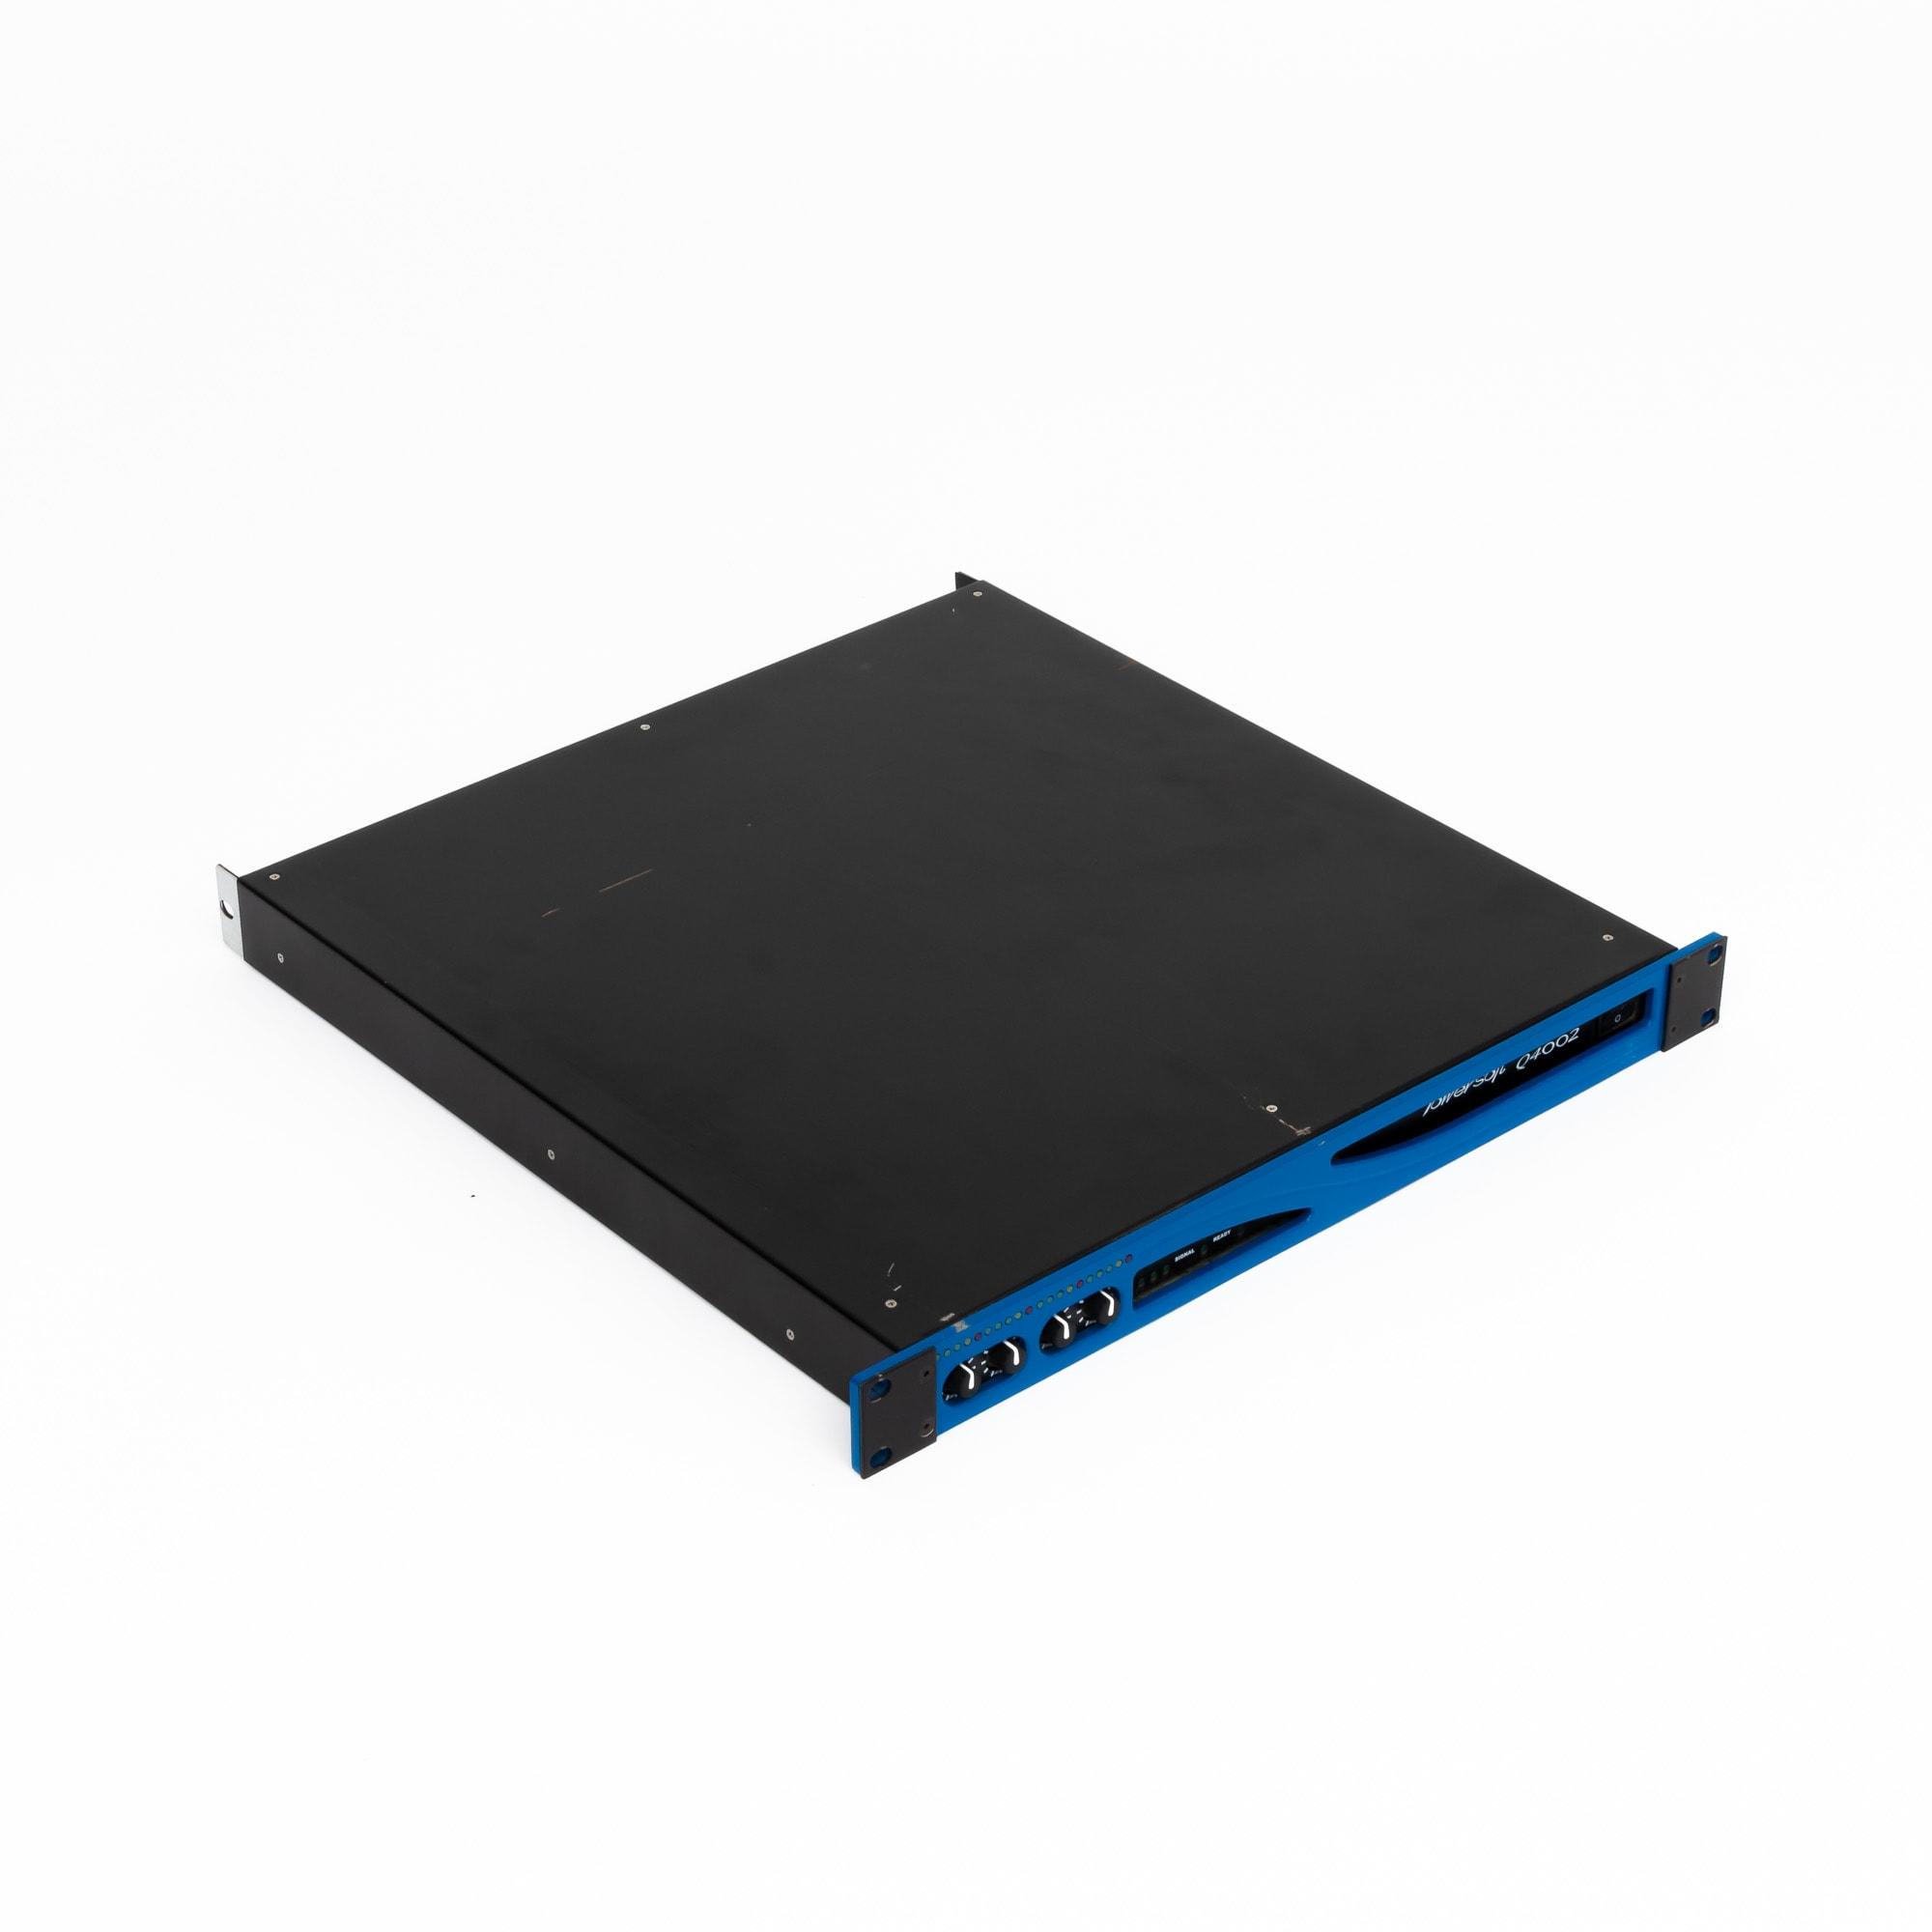 Powersoft Digam Q4002 gebraucht 1 1